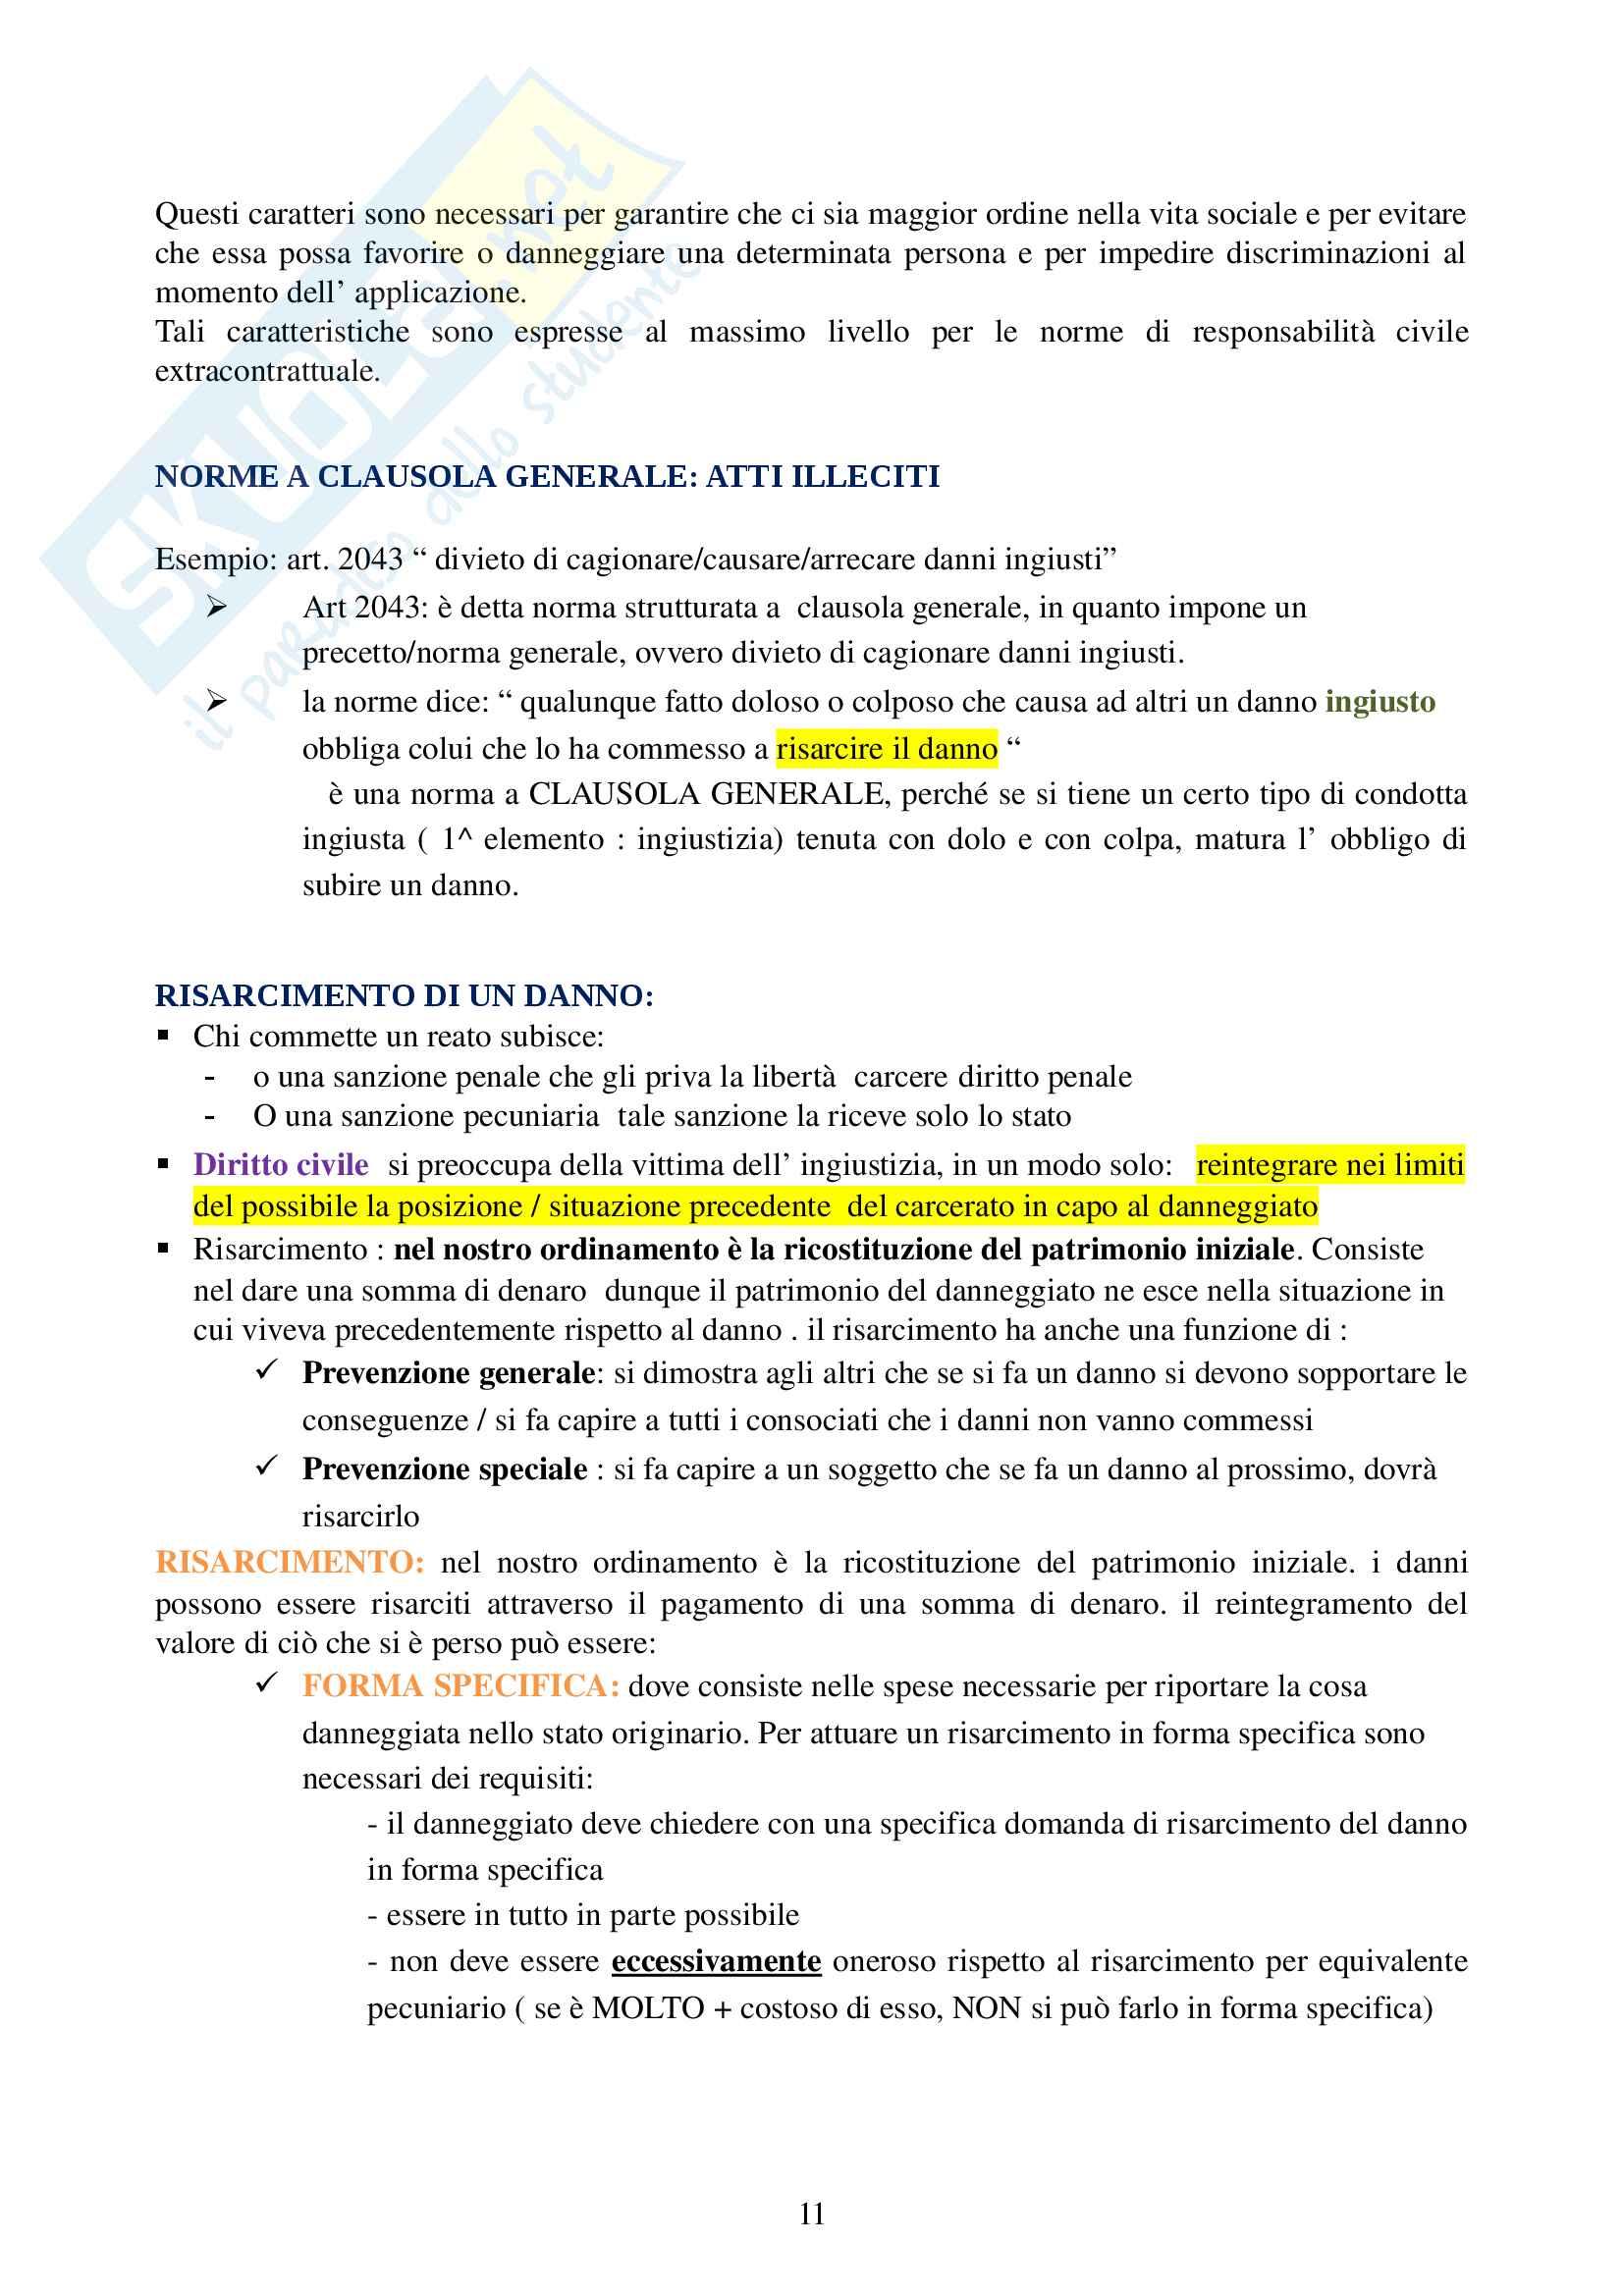 Appunti Diritto privato Pag. 11